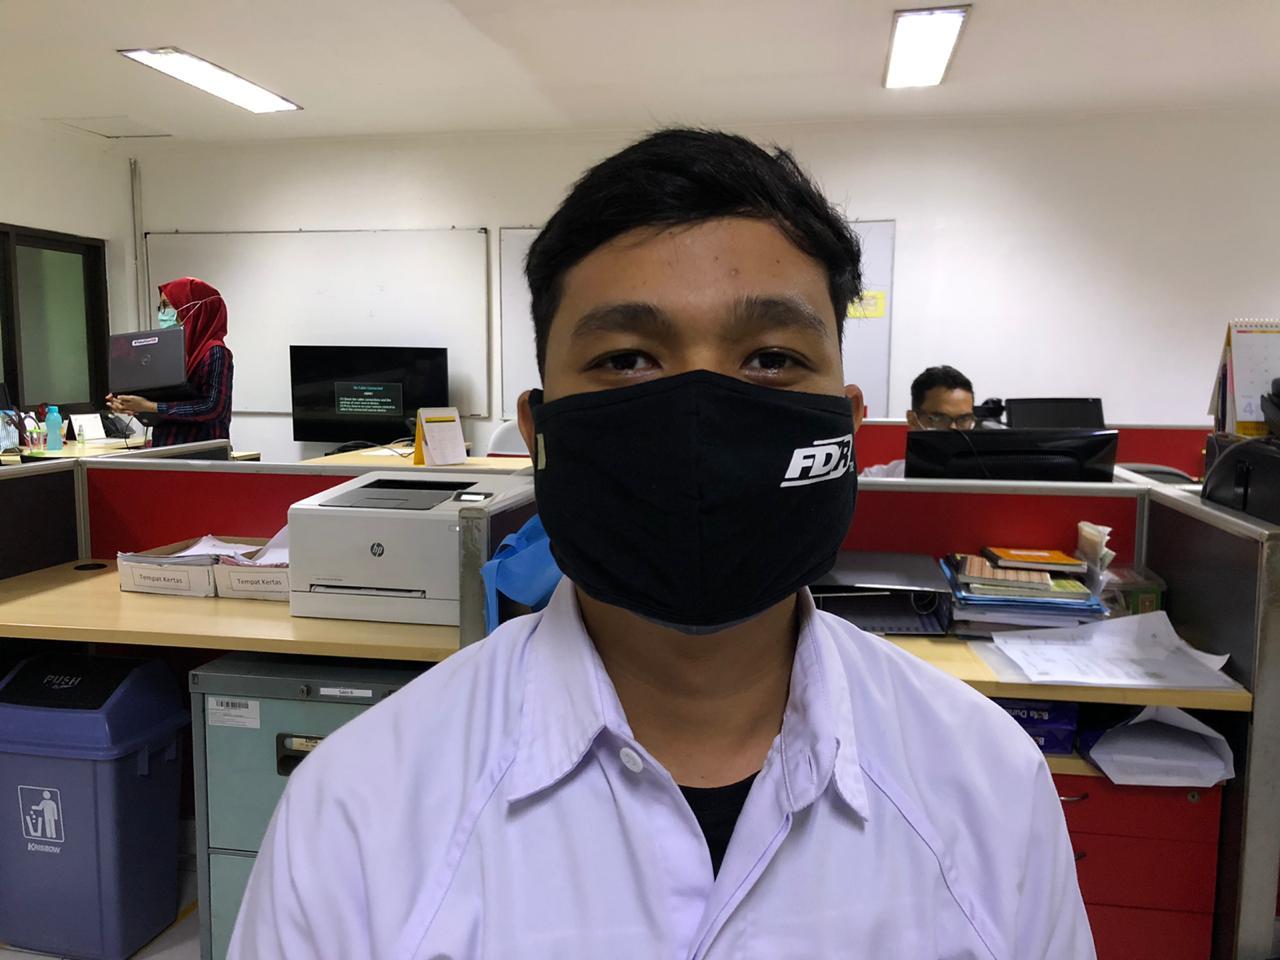 Donasi FDR dengan Berbagi Masker Gratis